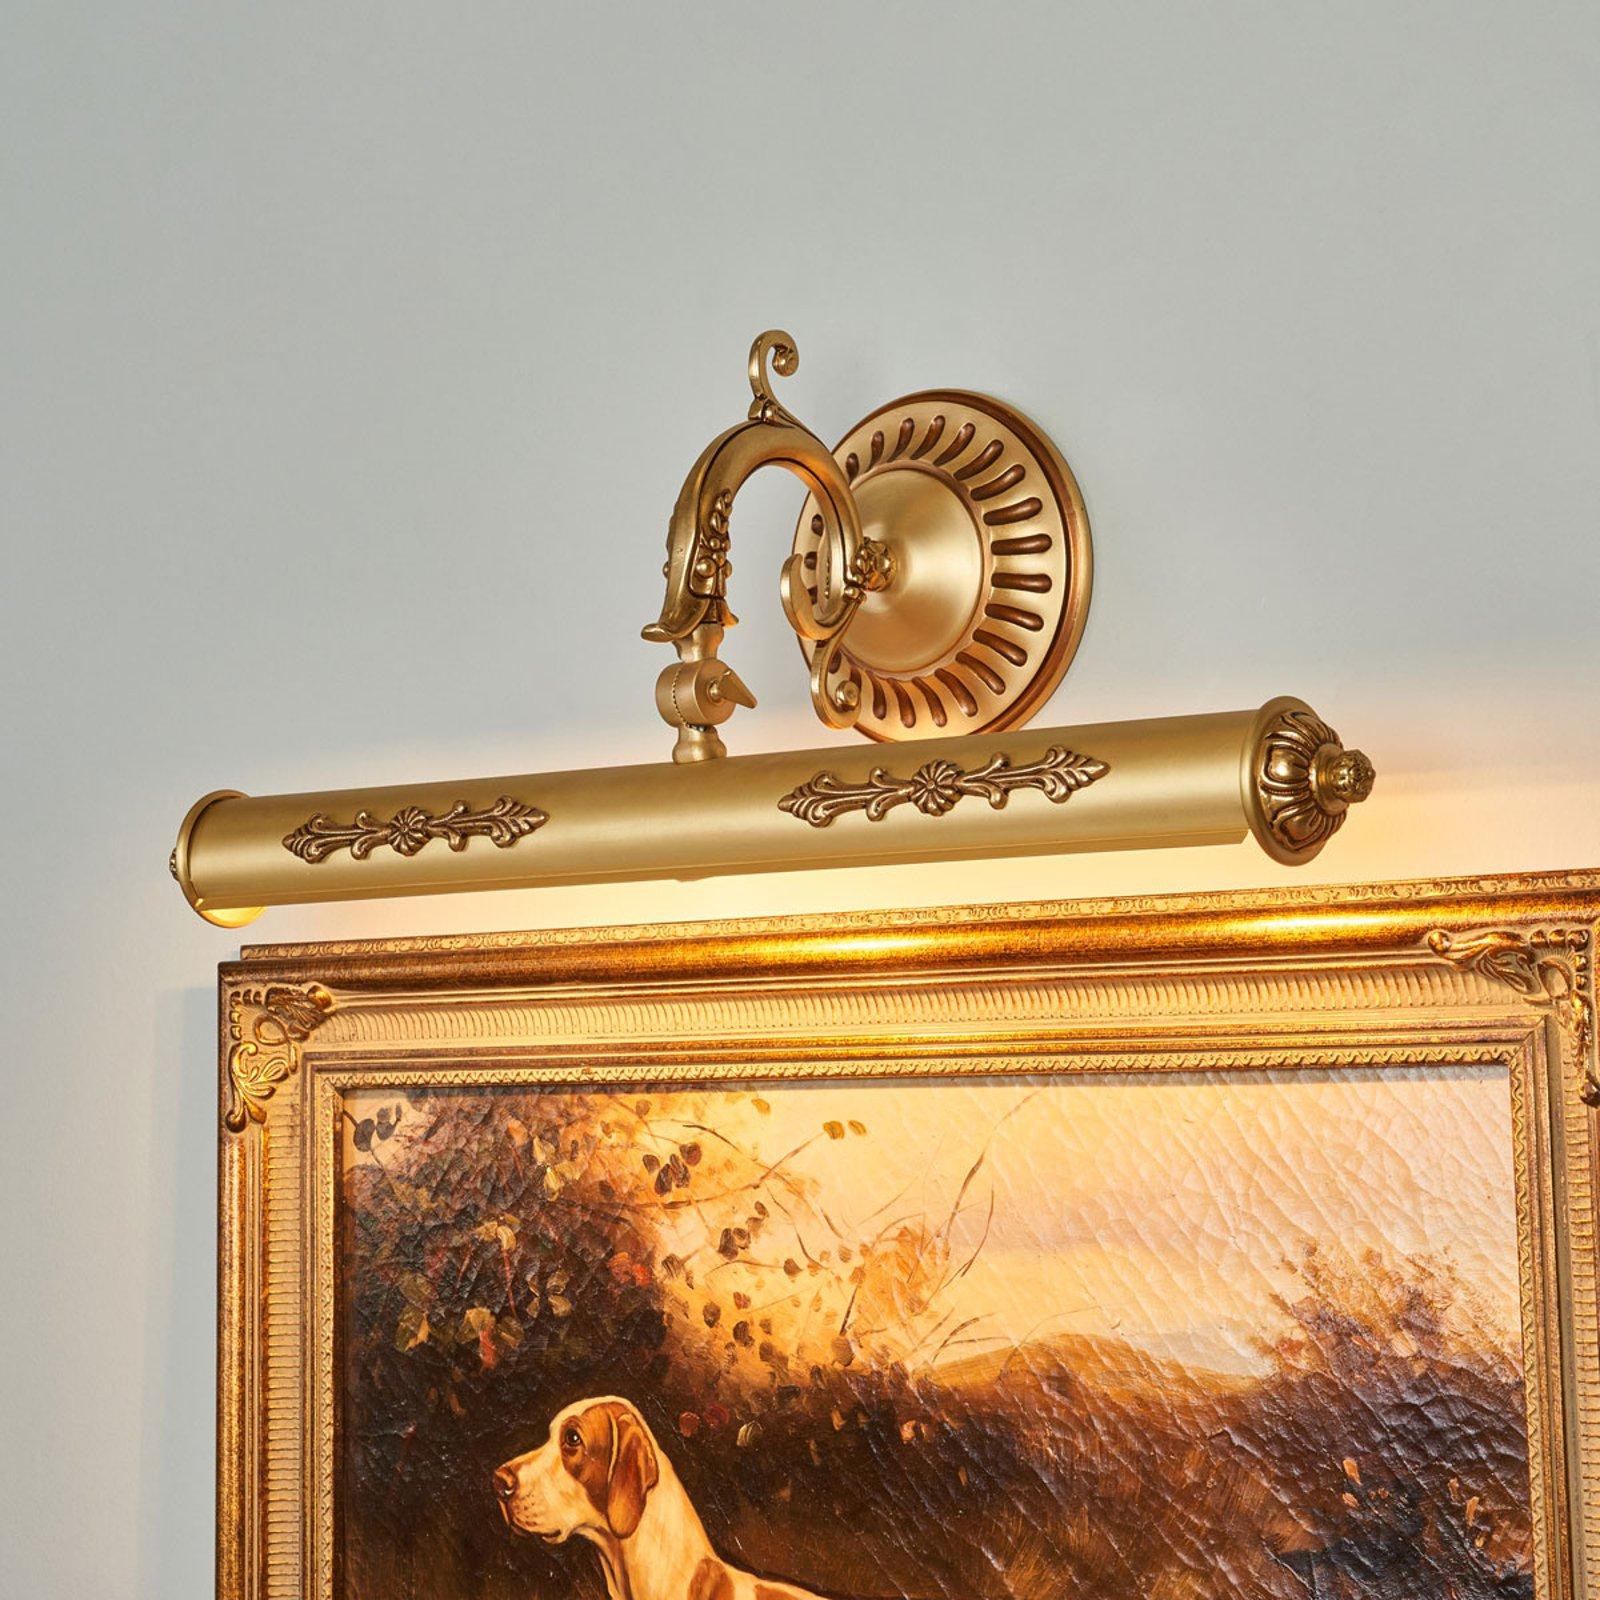 Bildelampe Eligio med flott dekorasjon, 55 cm